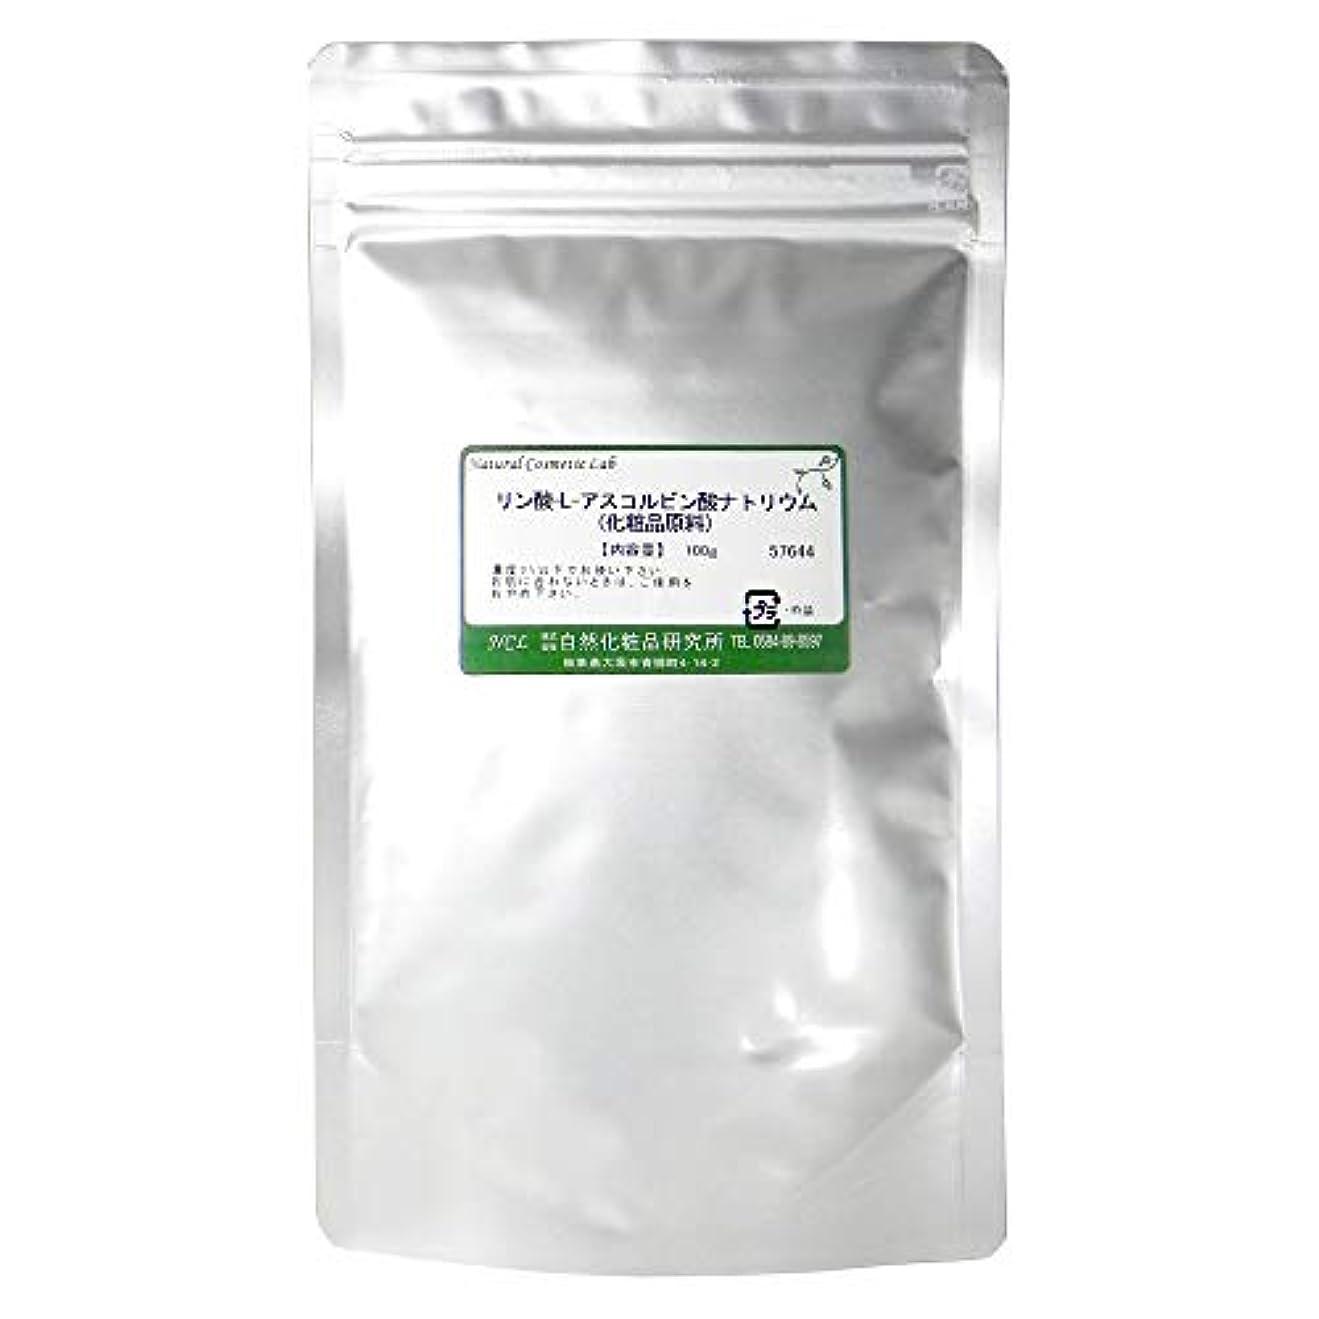 概要凝縮するストラップビタミンC誘導体 リン酸-L-アスコルビン酸ナトリウム 化粧品原料 100g